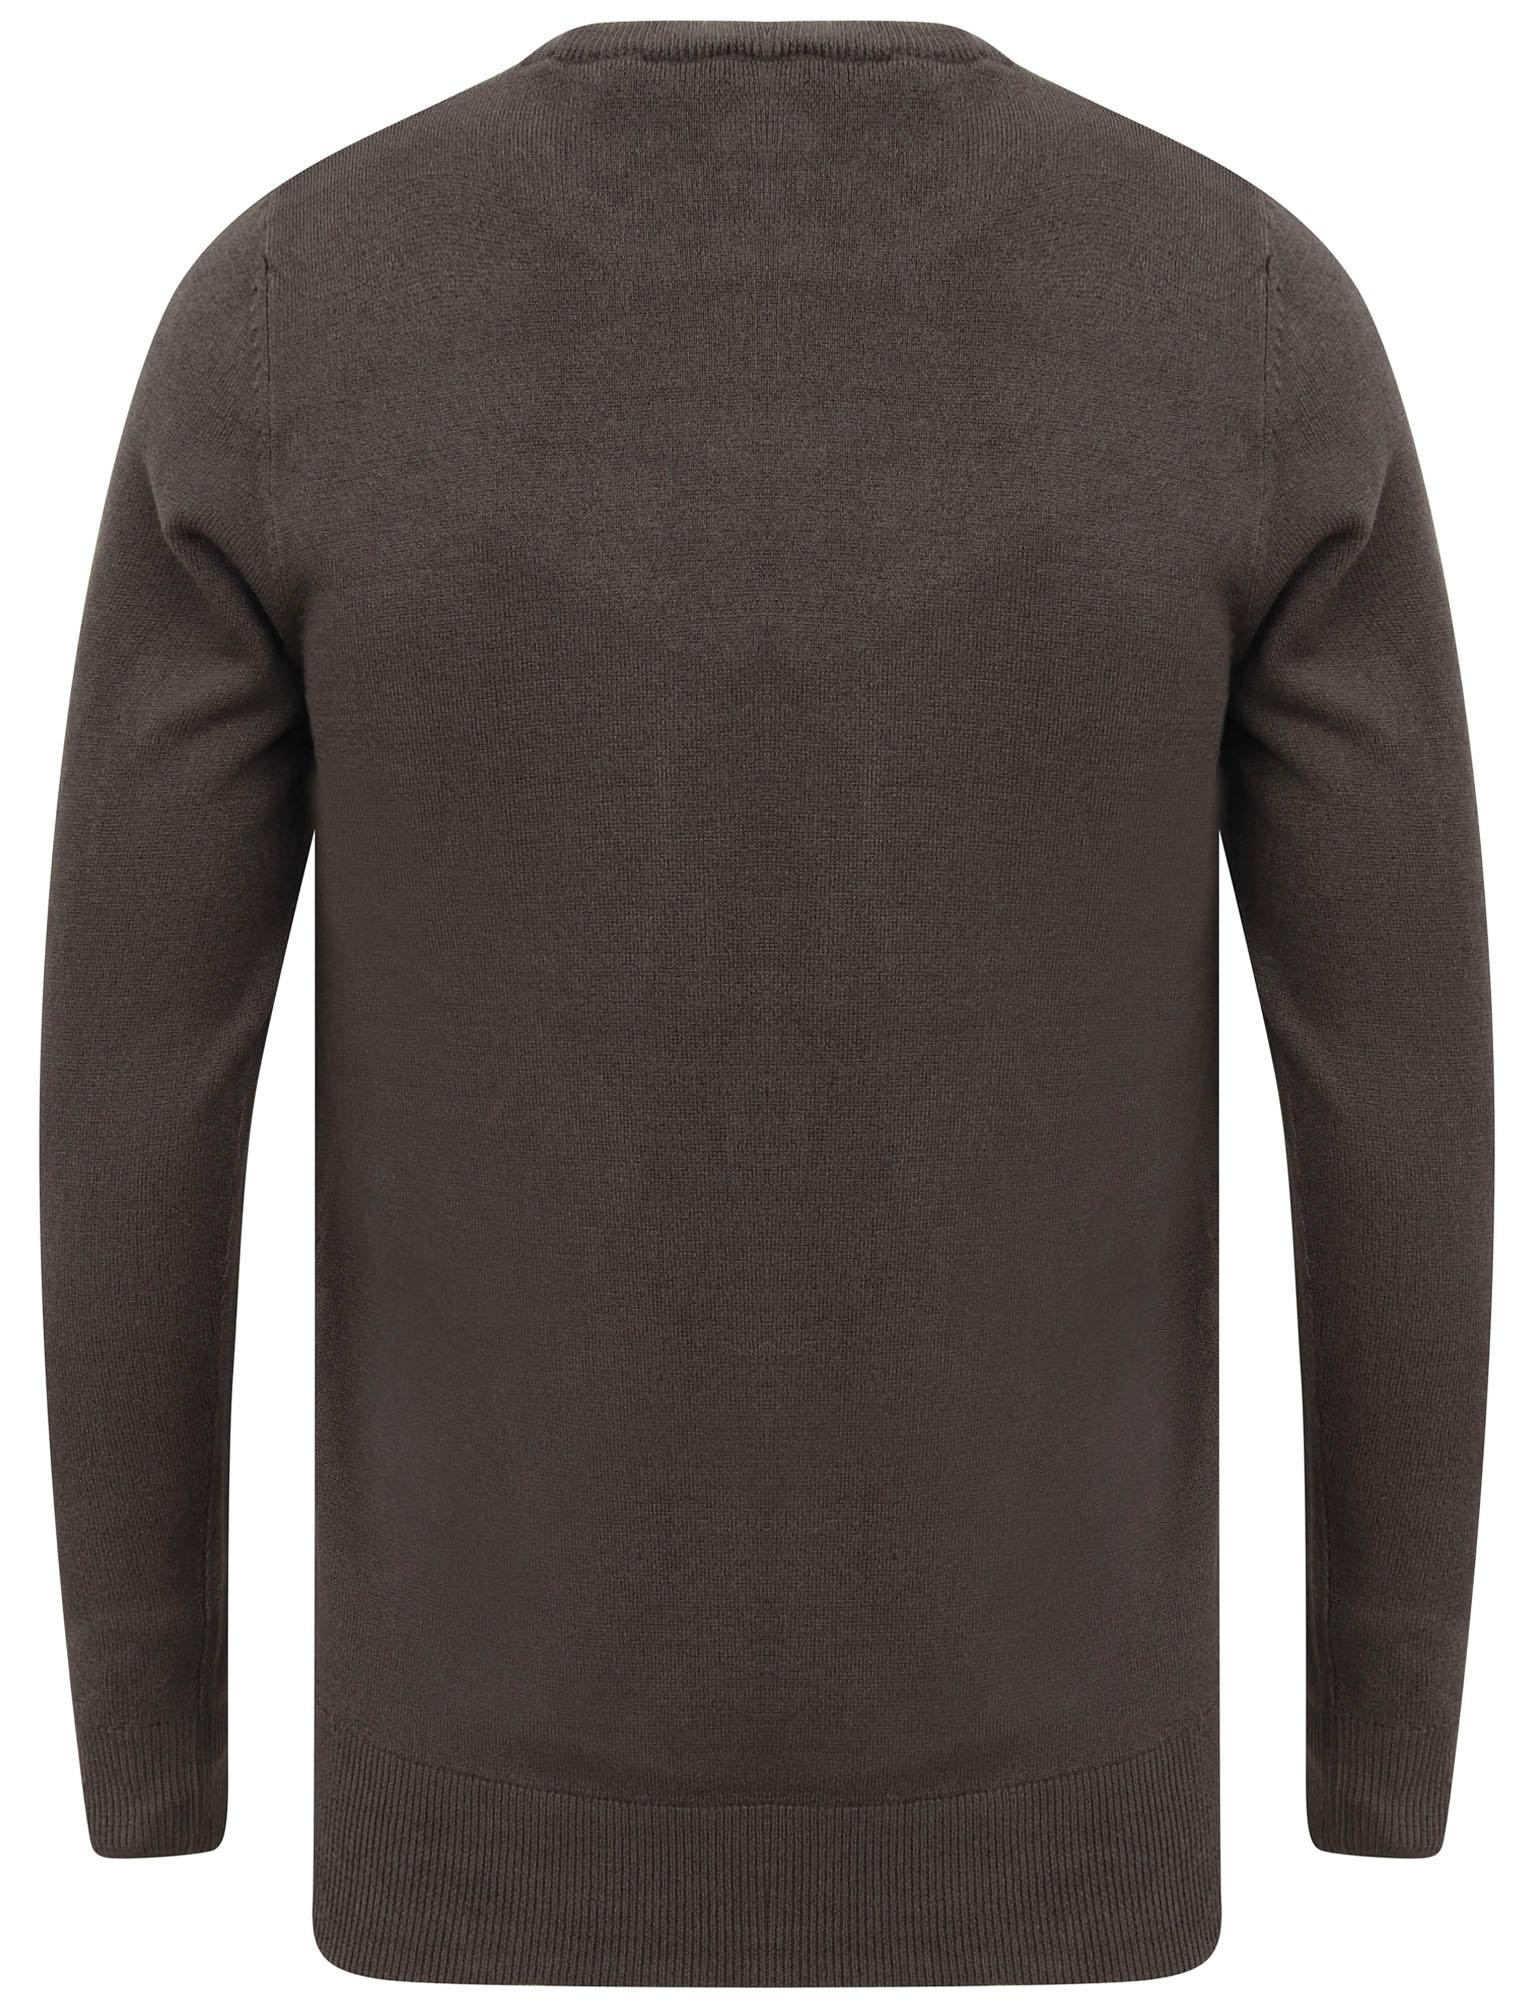 Kensington-Eastside-Men-039-s-Knitted-Crew-or-V-Neck-Jumper-Sweater-Top-Pullover thumbnail 79